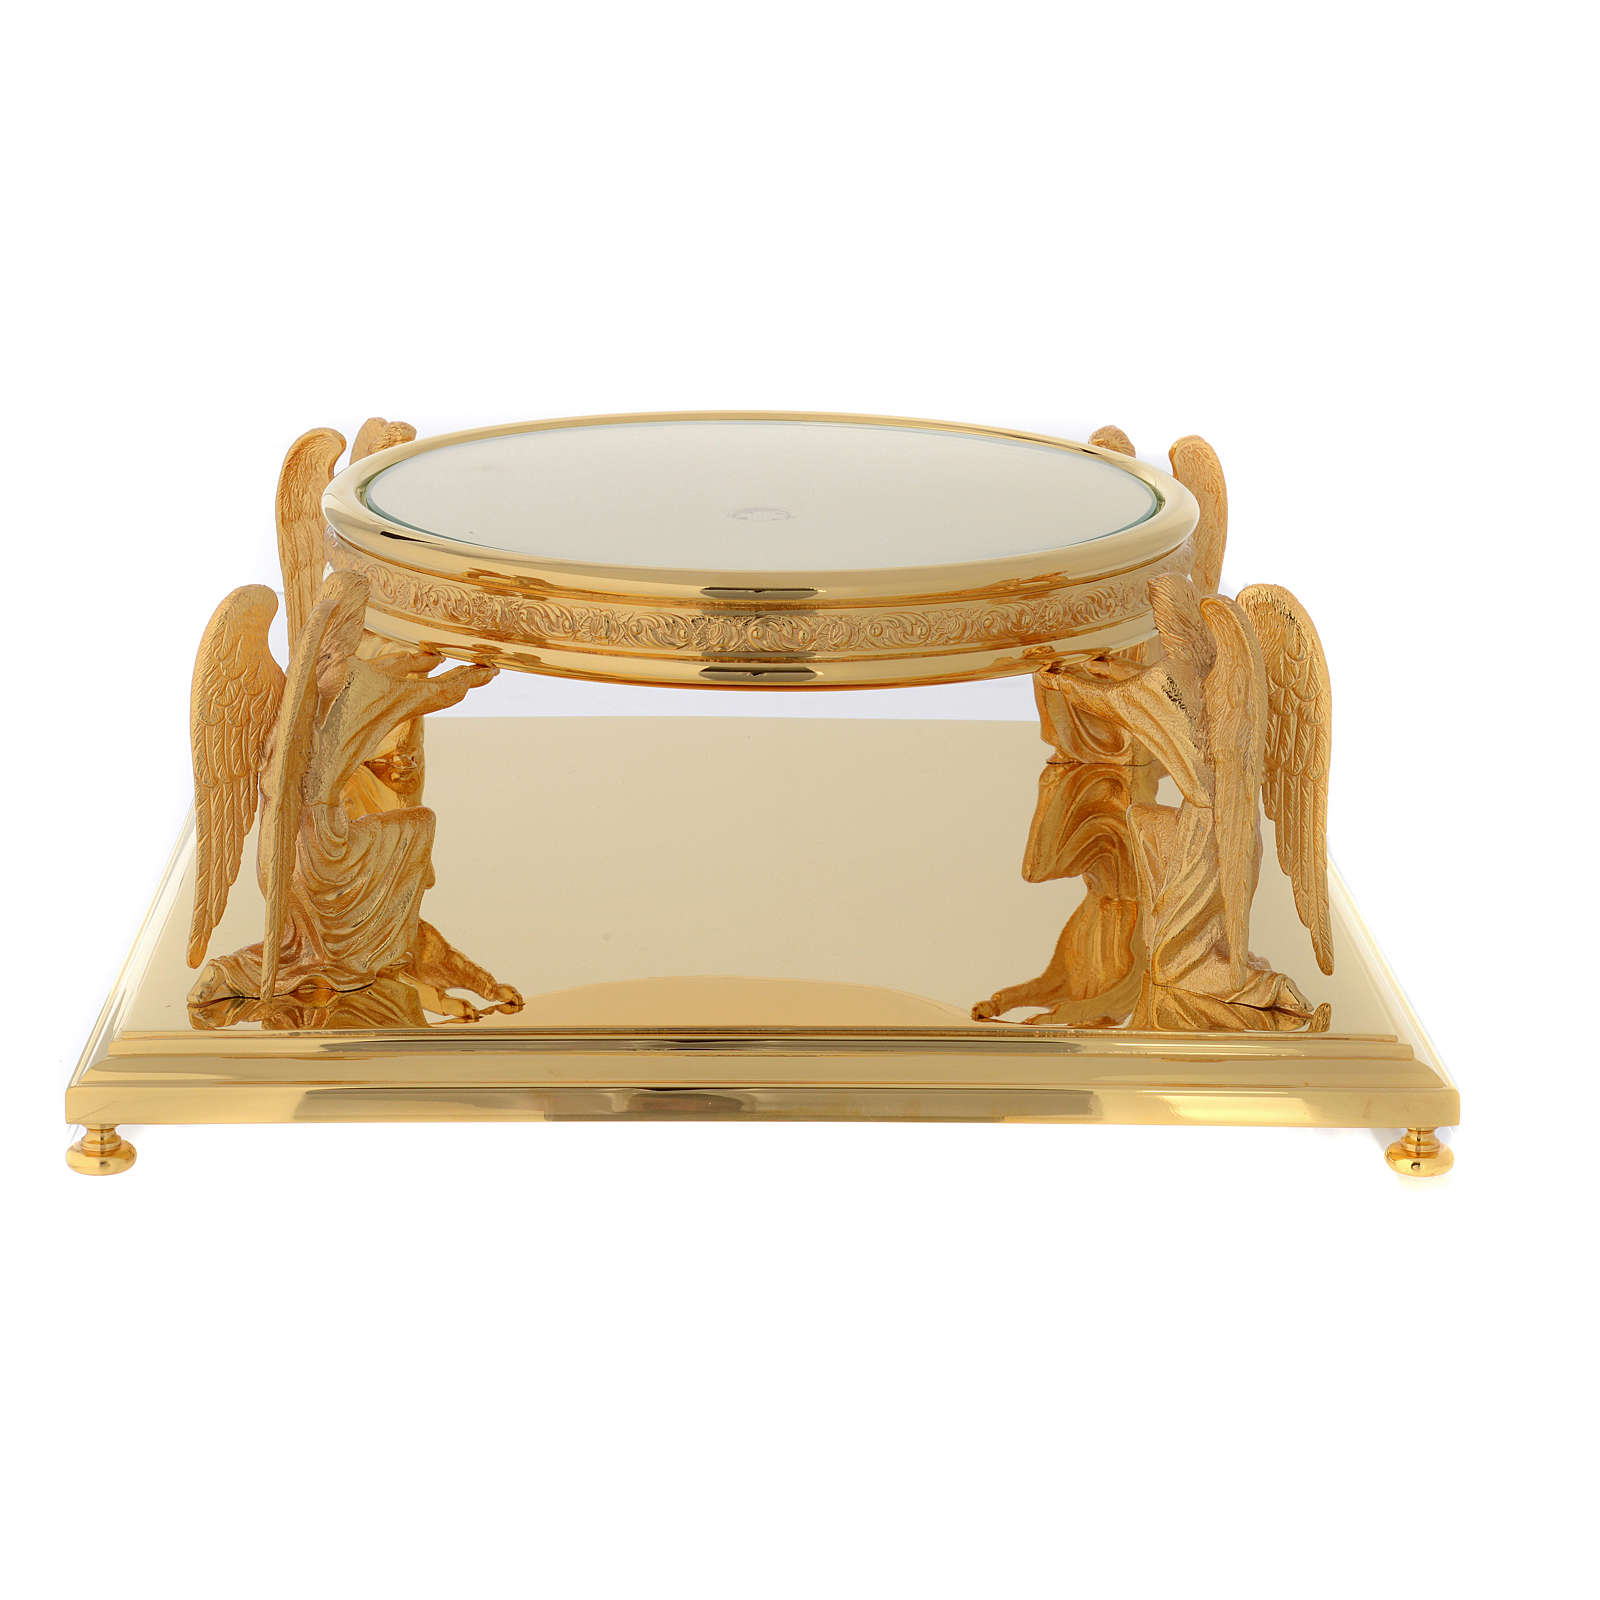 Molina base for monstrance in golden brass 4